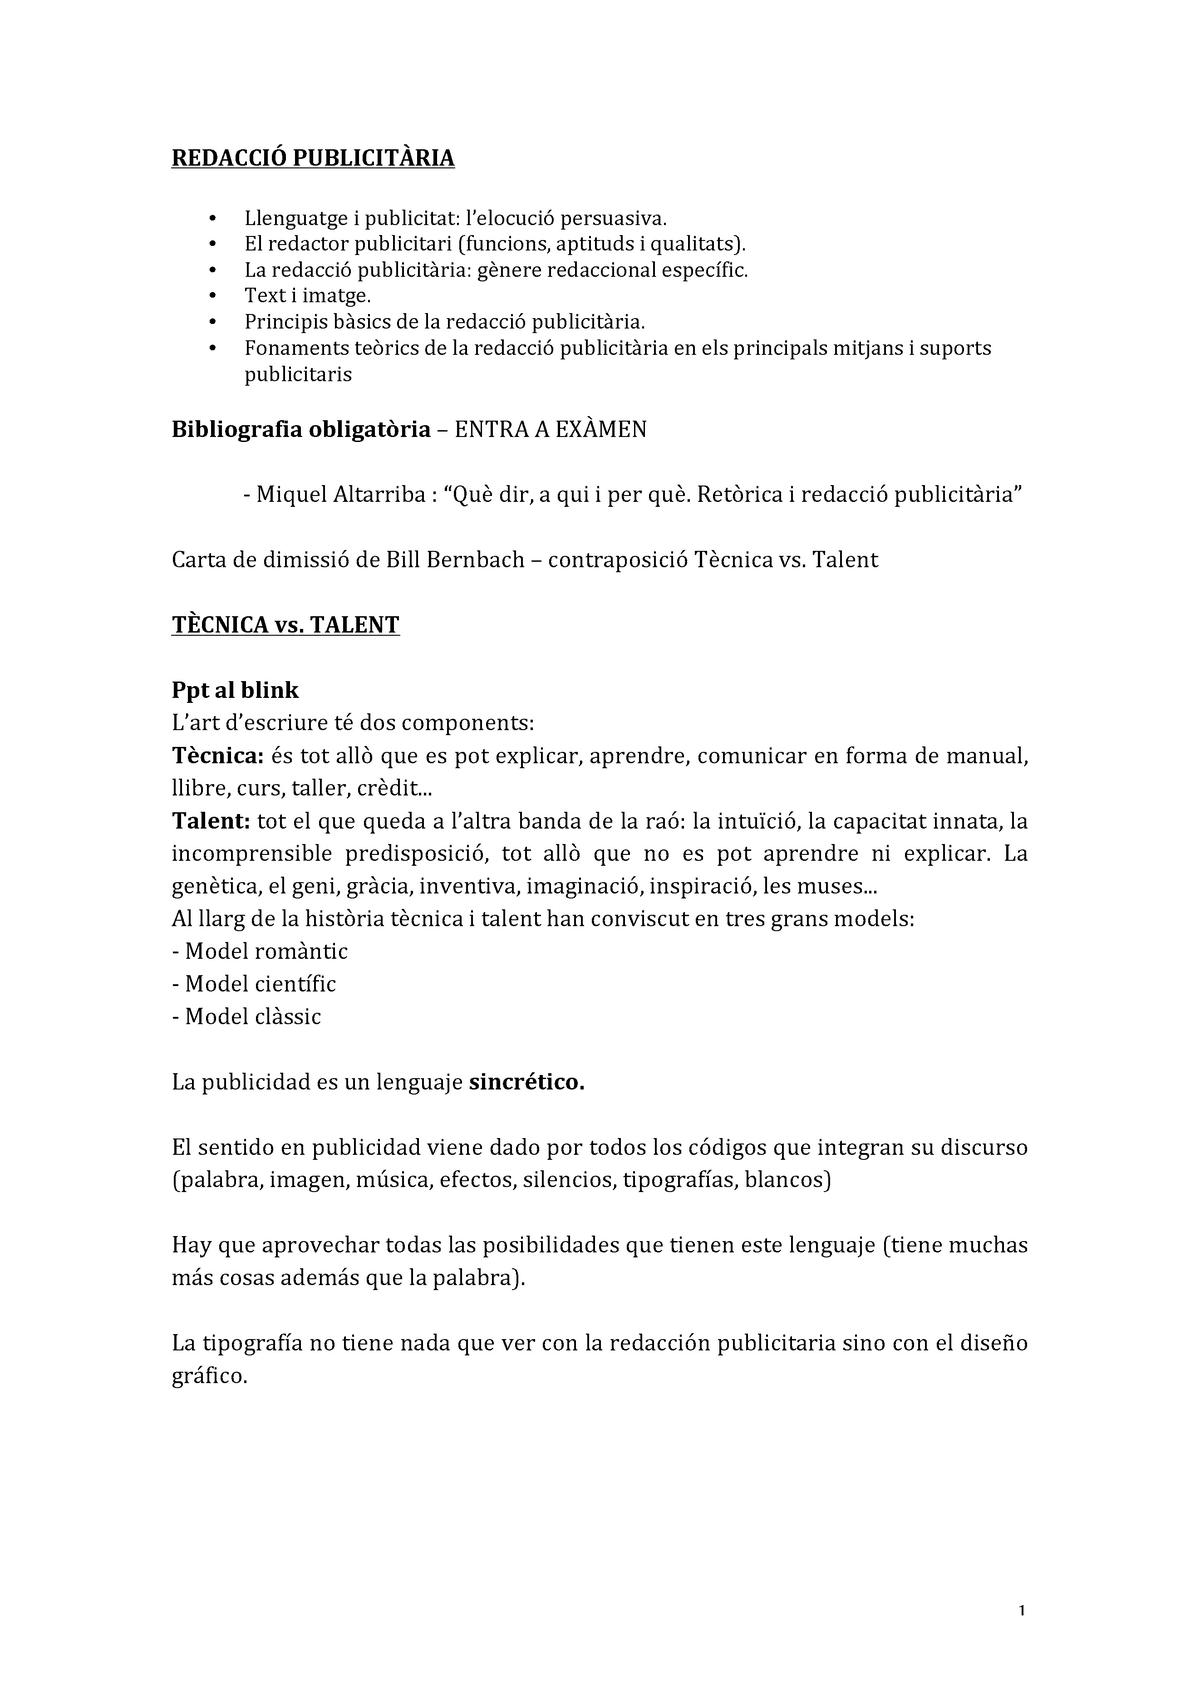 Redacció Publicitària Url Studocu